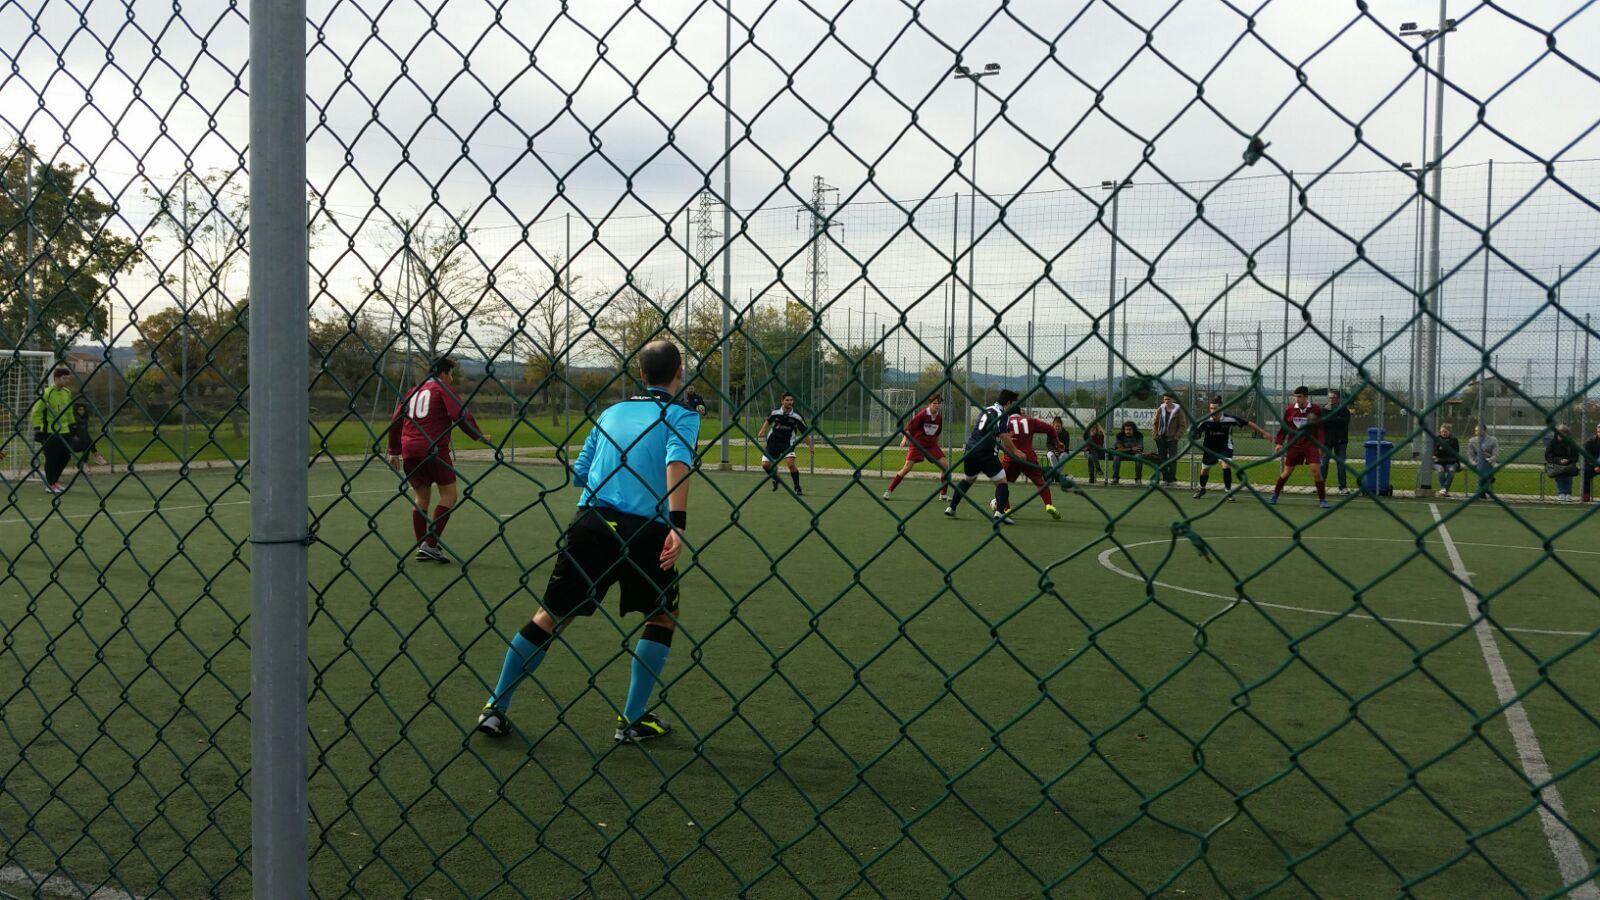 COPPA JUNIORES: Gatteo – Futsal Cesena 3-5